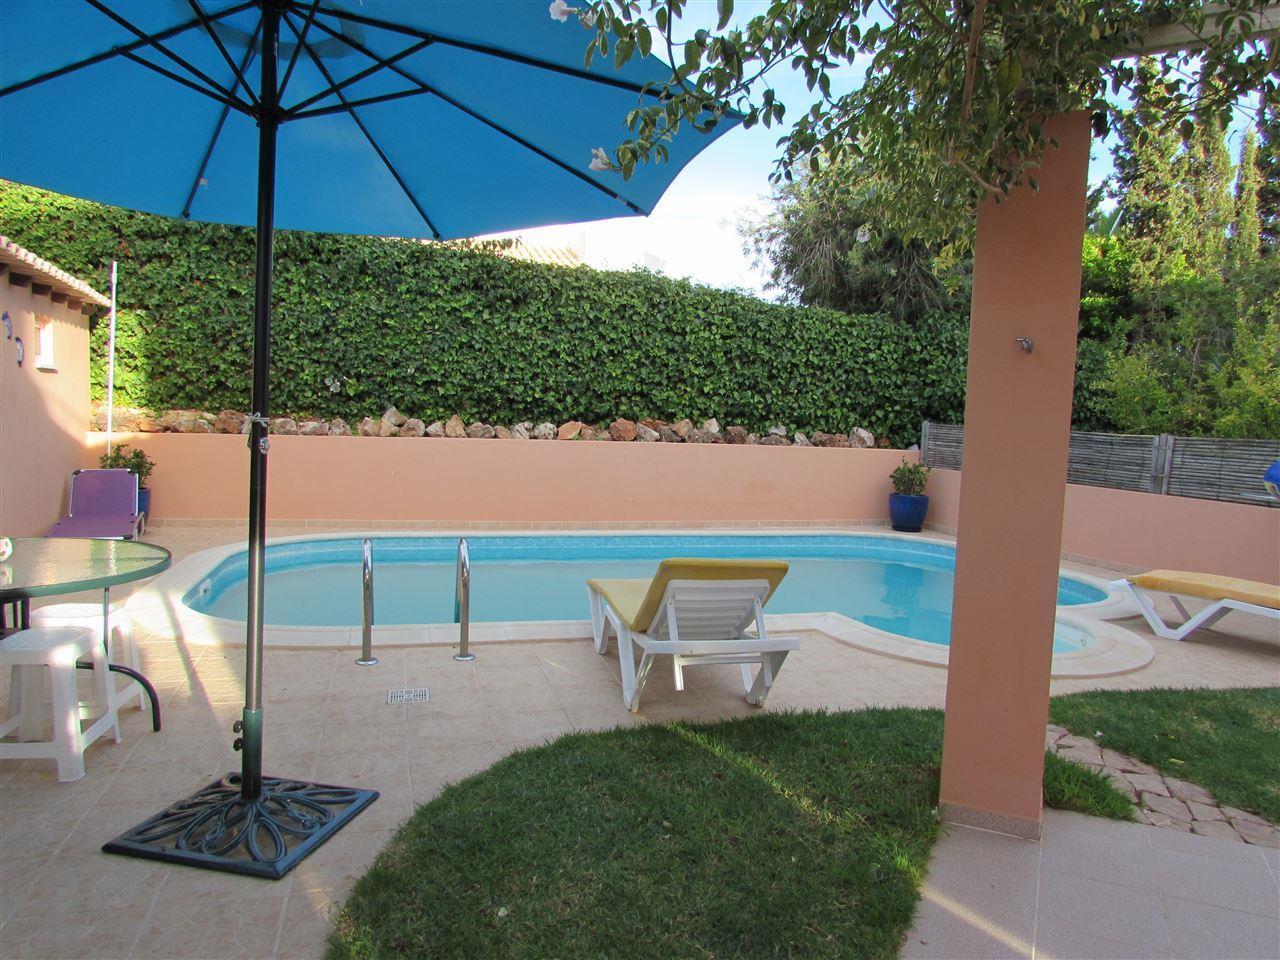 Maison unifamiliale pour l Vente à Semi-detached house, 4 bedrooms, for Sale Silves, Algarve Portugal